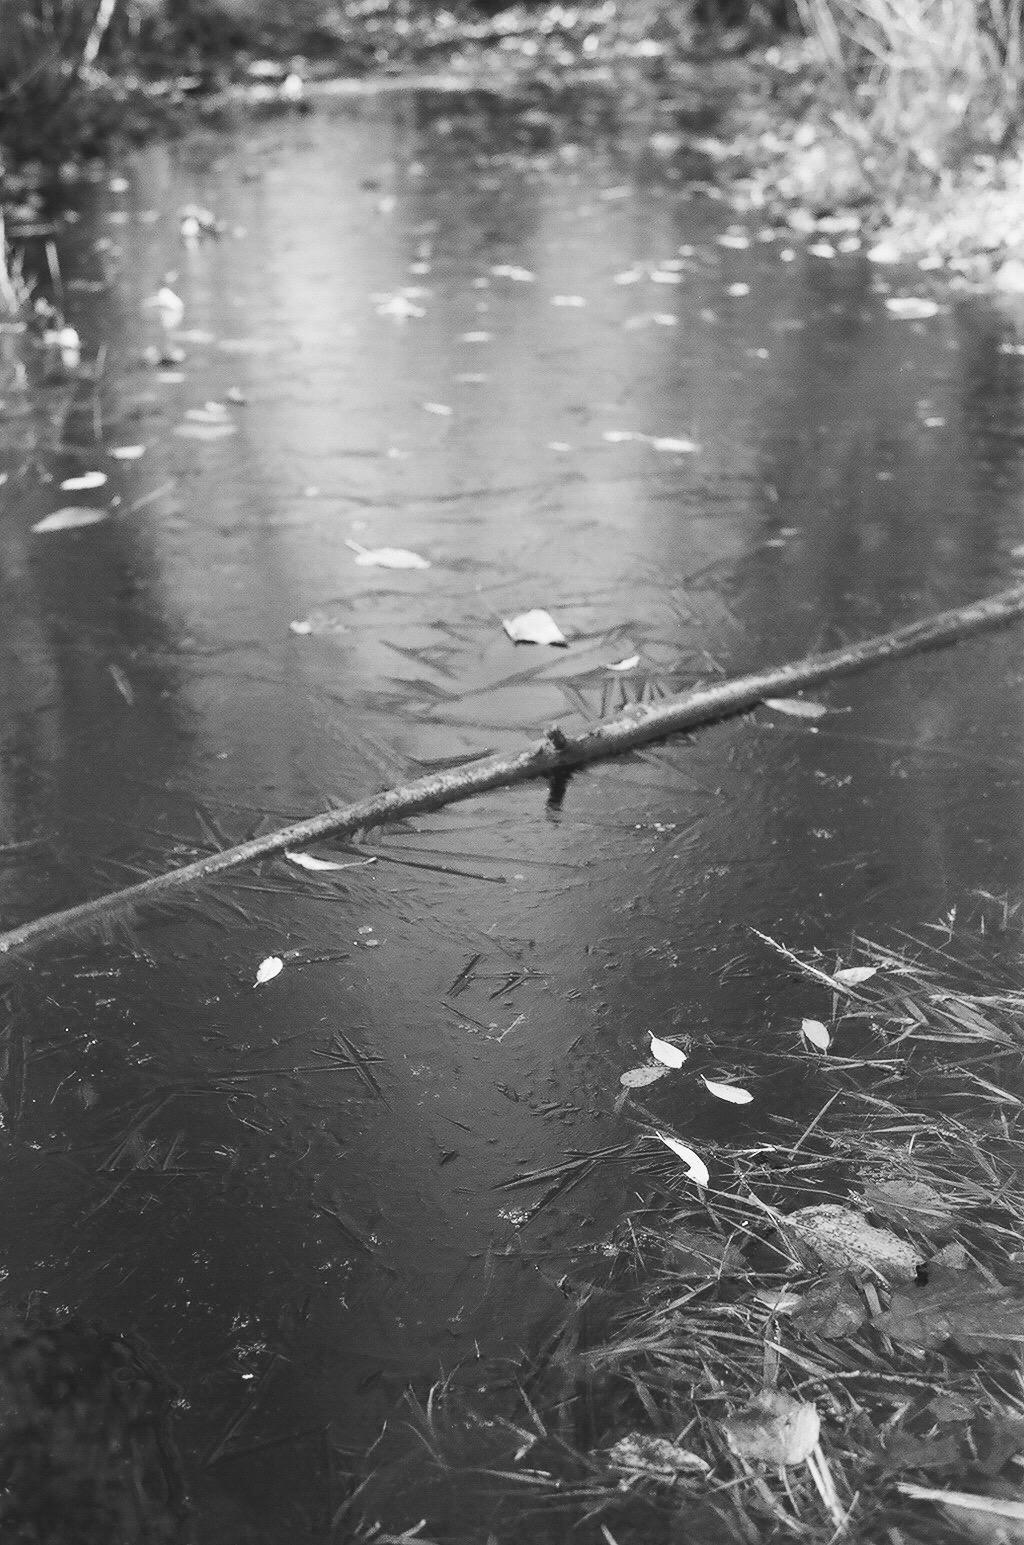 Branch Frozen in Pond   15.12 Ilford Delta 100